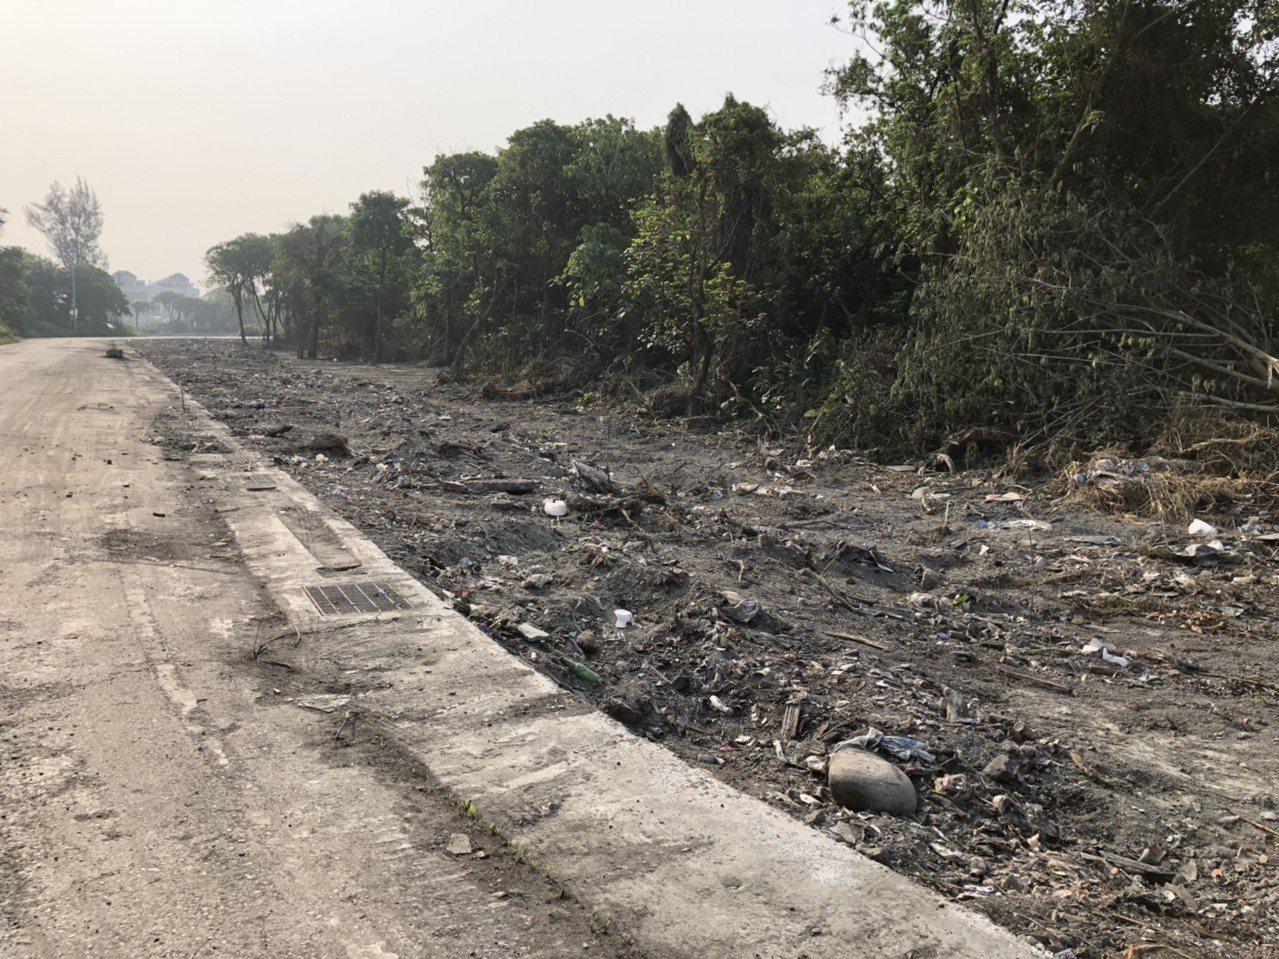 二林鎮今年查報50處髒亂點,地主配合改善。圖/二林鎮清潔隊提供